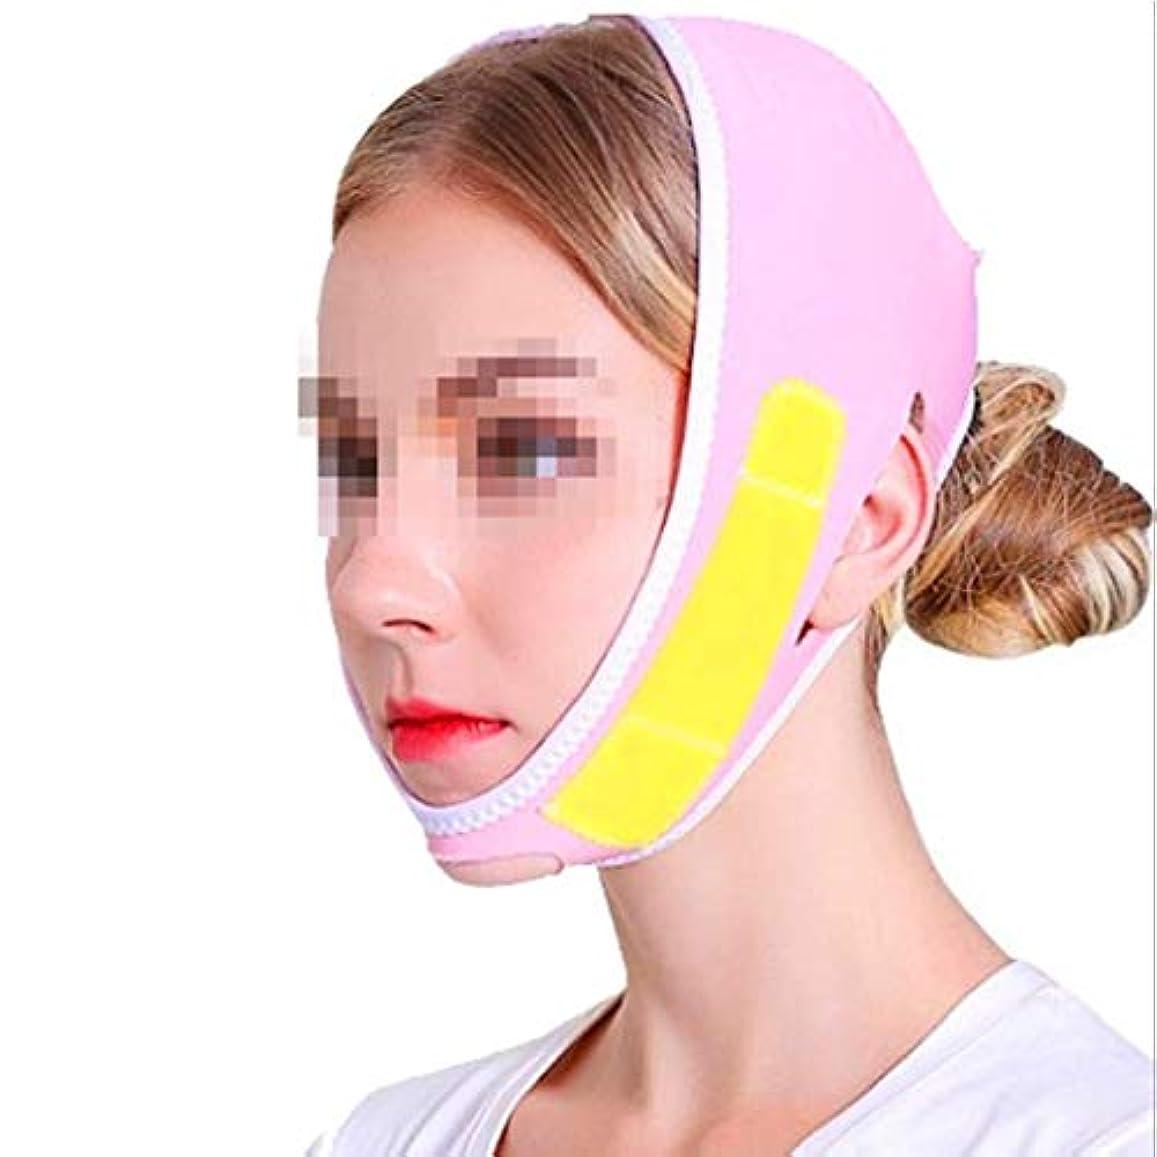 誘惑裁量矛盾するフェイスリフトマスク、Vフェイスフェイシャルリフティング、およびローラインにしっかりと締め付けます二重あごの美容整形包帯マルチカラーオプション(カラー:イエロー),ピンク